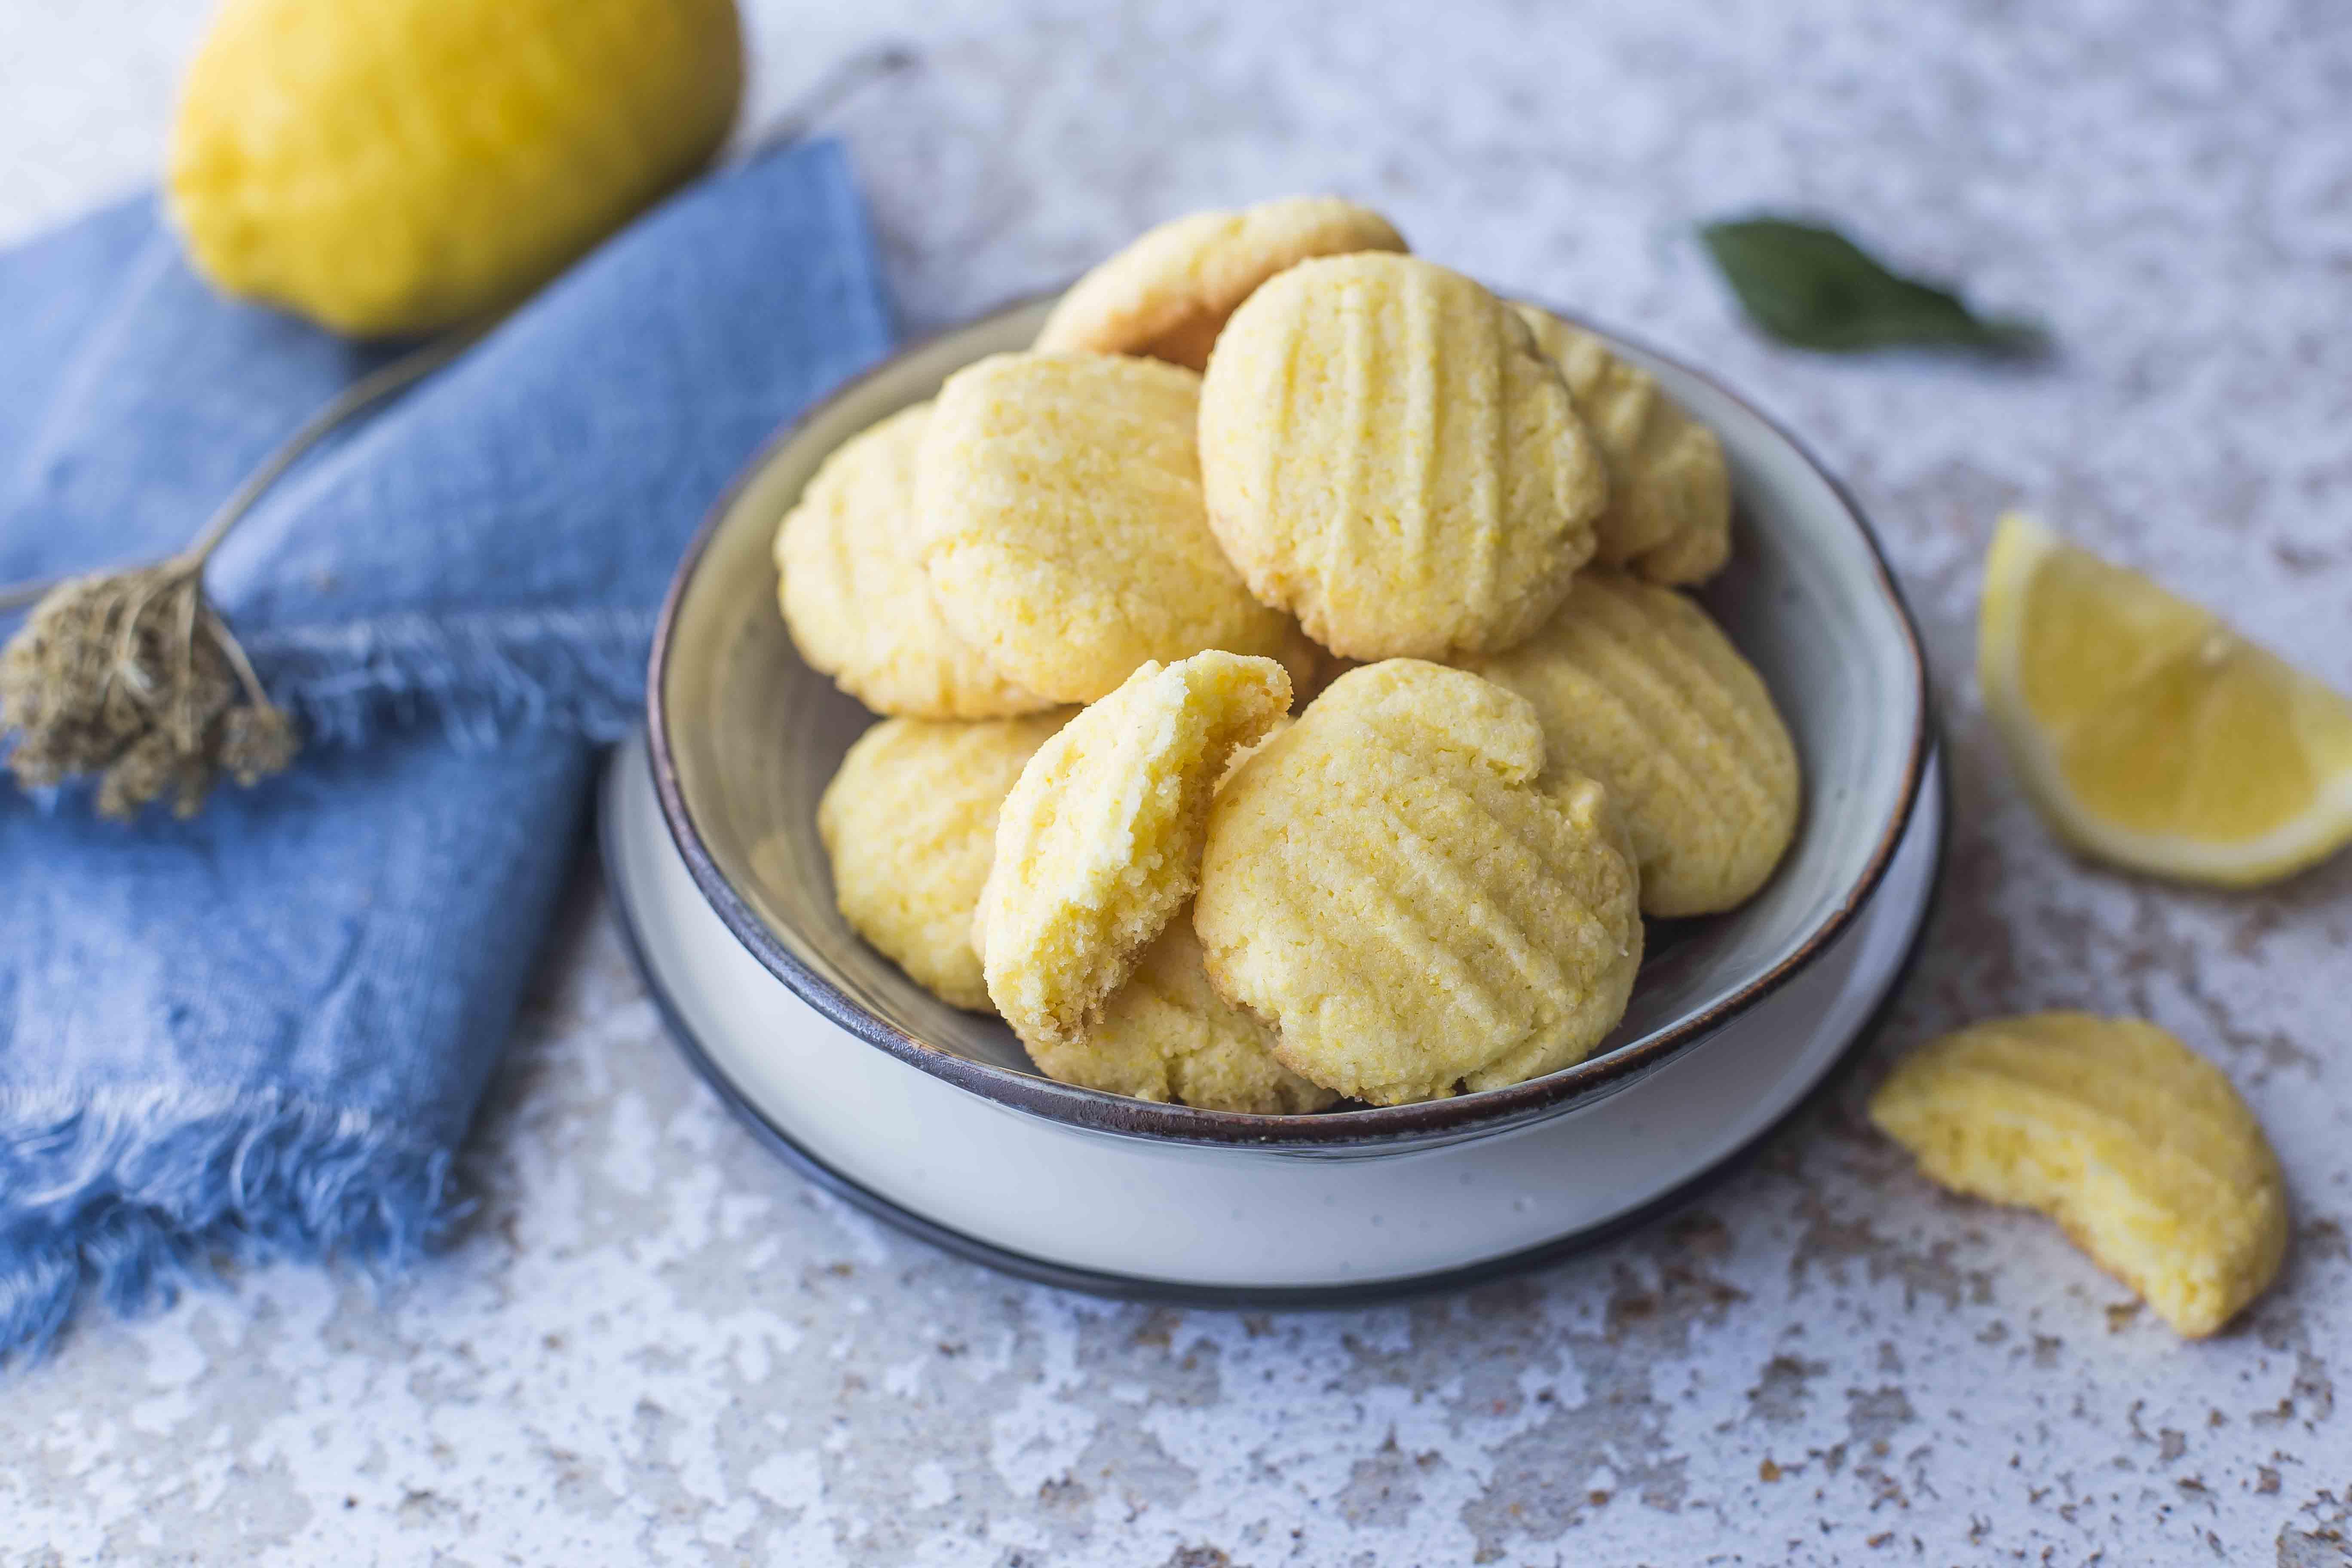 Ricetta Biscotti Al Burro Per Celiaci.Biscotti Al Limone Senza Glutine Fare Il Pieno Di Energia Agrodolce